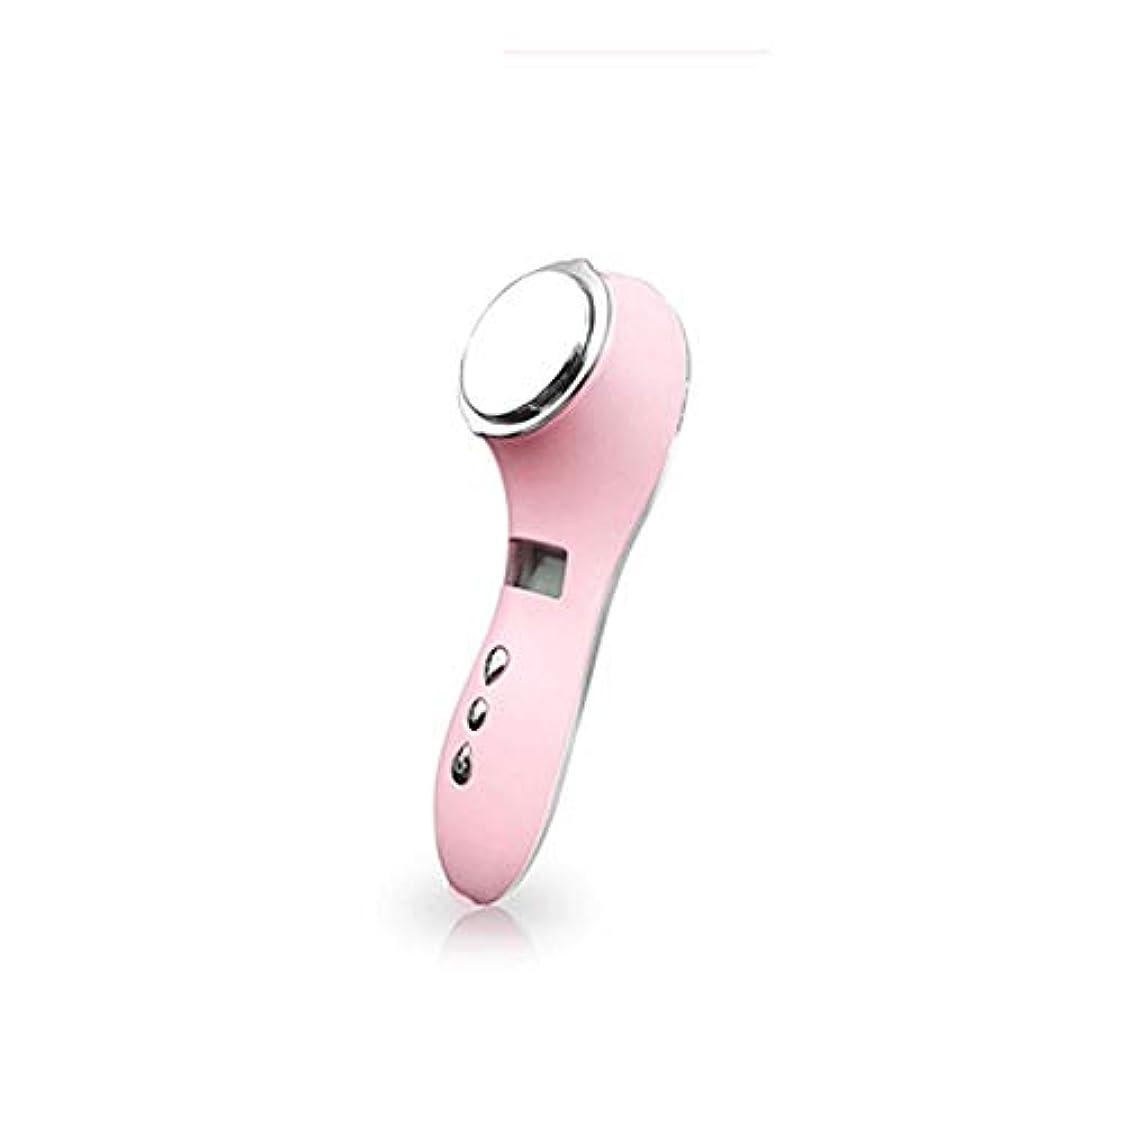 いつでも上向き証明するHEHUIHUI- クレンジングブラシ、ディープクレンジングフェイシャル、防水および振動クレンジングブラシ、アンチエイジング、やさしい角質除去、マッサージ(ホワイト) (Color : Pink)